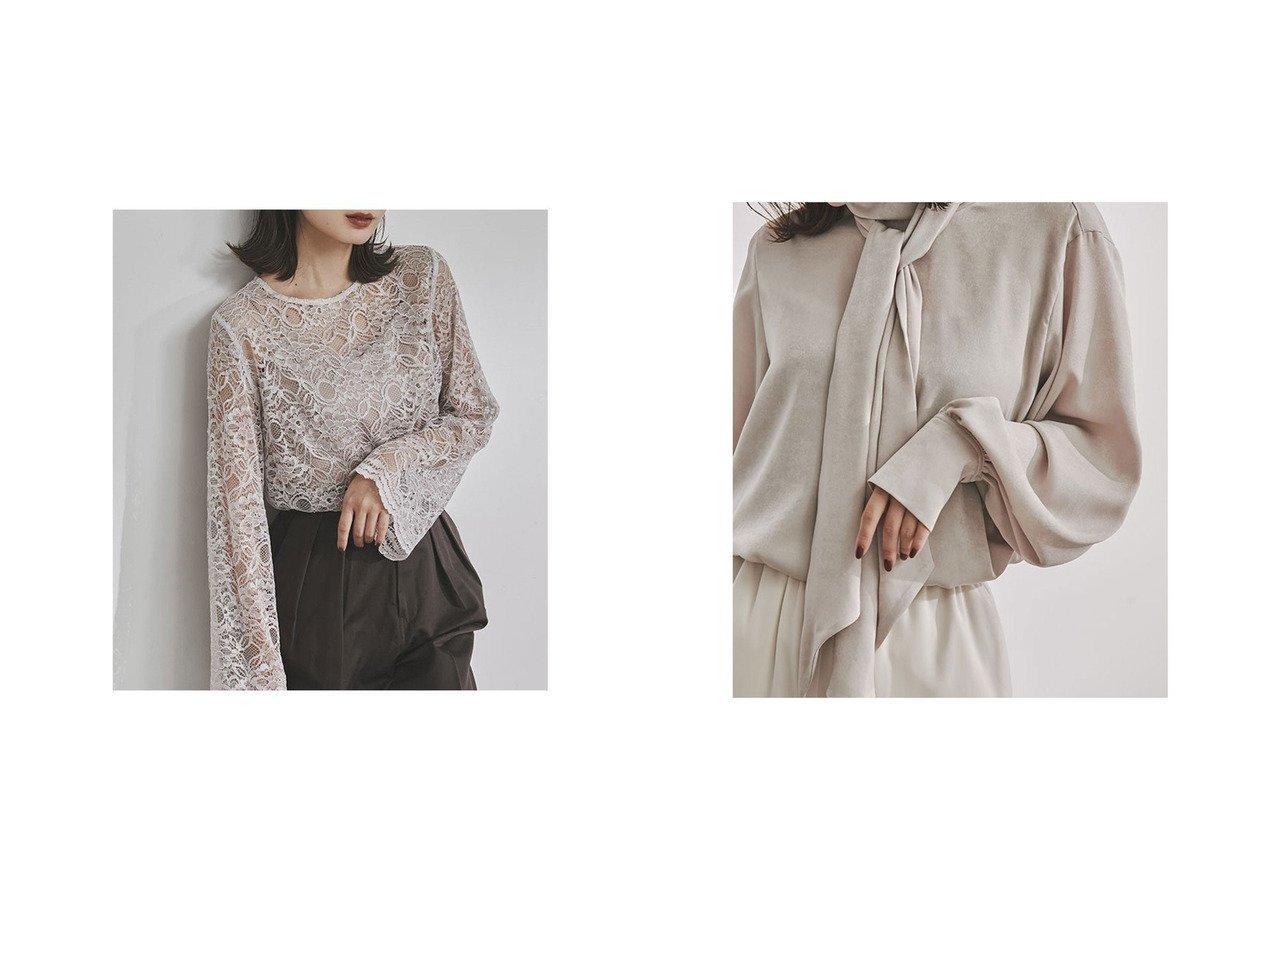 【anuans/アニュアンス】のスウェードサテンボウダイブラウス&スカラップレースブラウス 【トップス・カットソー】おすすめ!人気、トレンド・レディースファッションの通販 おすすめで人気の流行・トレンド、ファッションの通販商品 インテリア・家具・メンズファッション・キッズファッション・レディースファッション・服の通販 founy(ファニー) https://founy.com/ ファッション Fashion レディースファッション WOMEN トップス・カットソー Tops/Tshirt シャツ/ブラウス Shirts/Blouses なめらか アンティーク スリーブ フレア レース トレンド ピーチ ヴィンテージ 今季 |ID:crp329100000070920